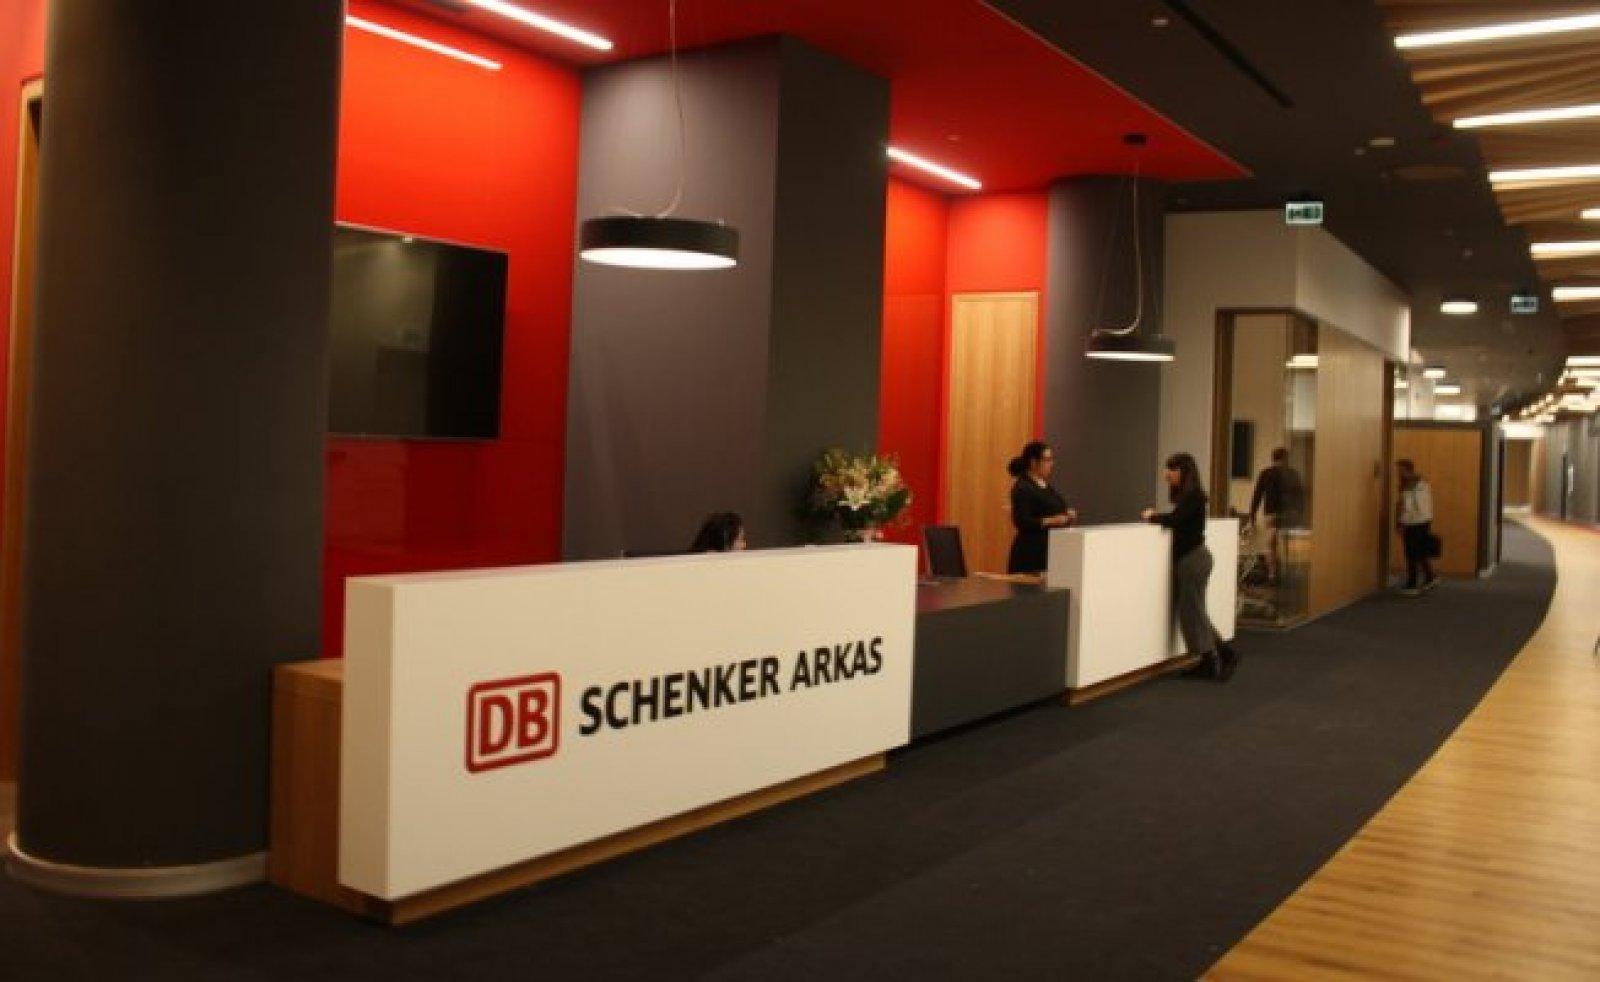 DB Schenker Arkas Ofis